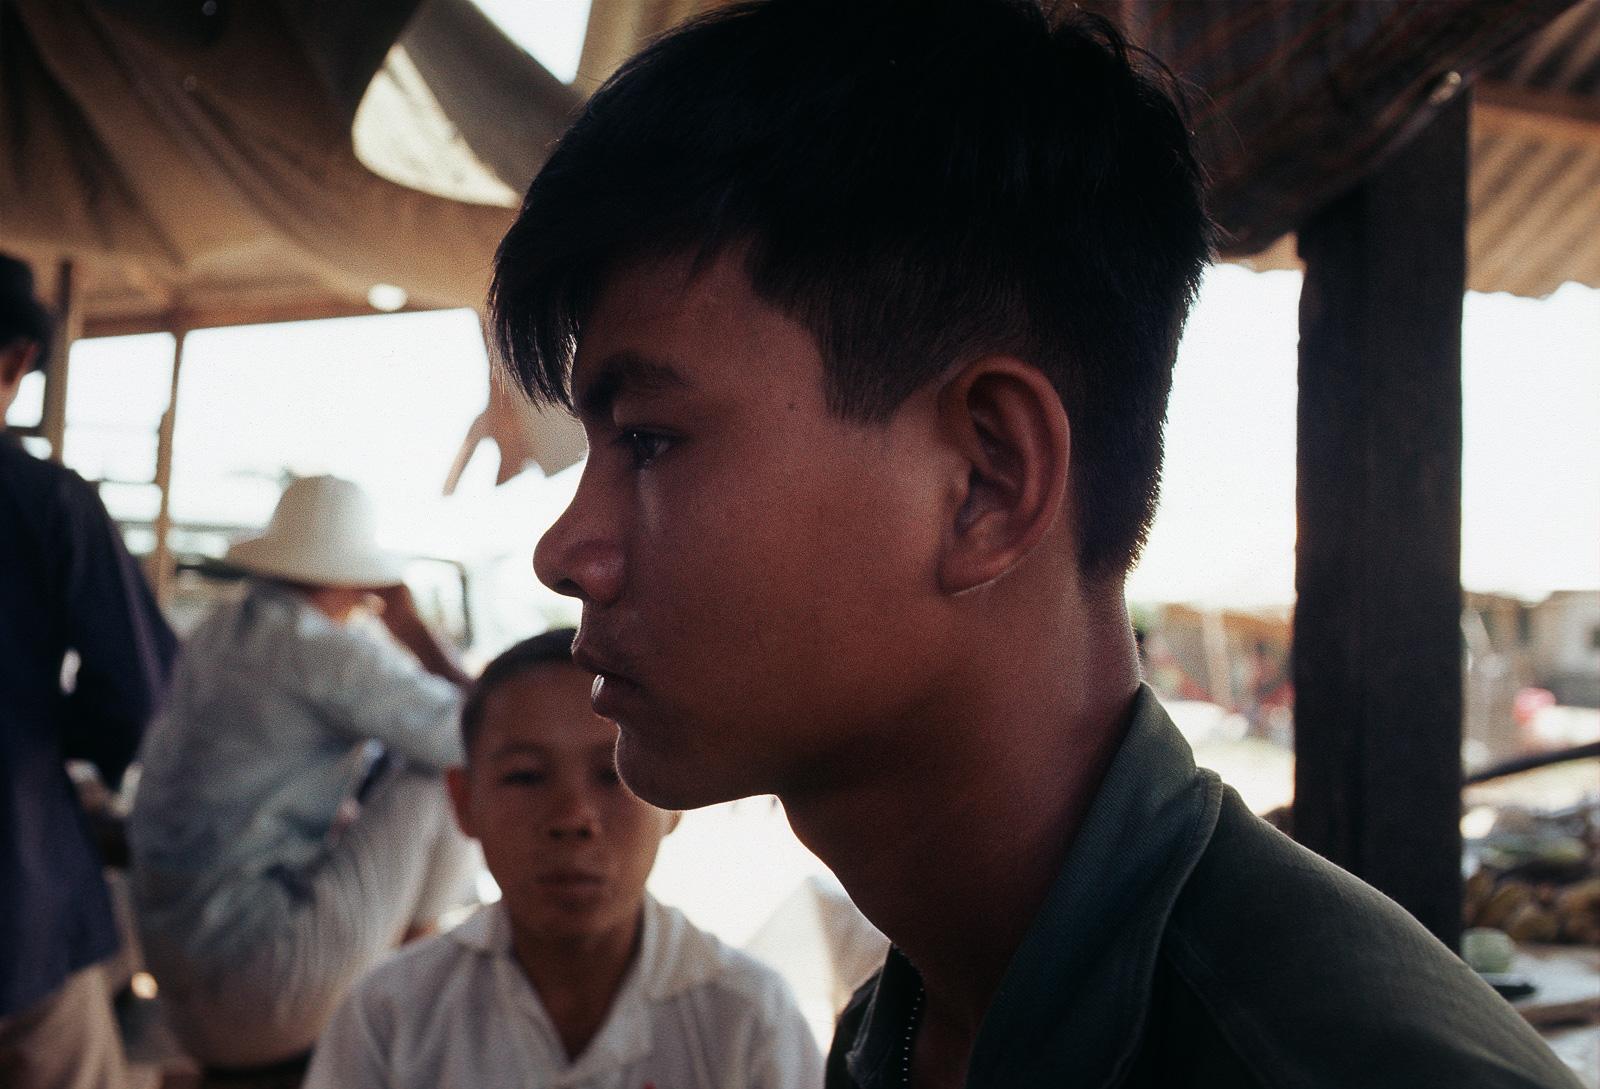 Phelan_1968-70Vietnam_0324